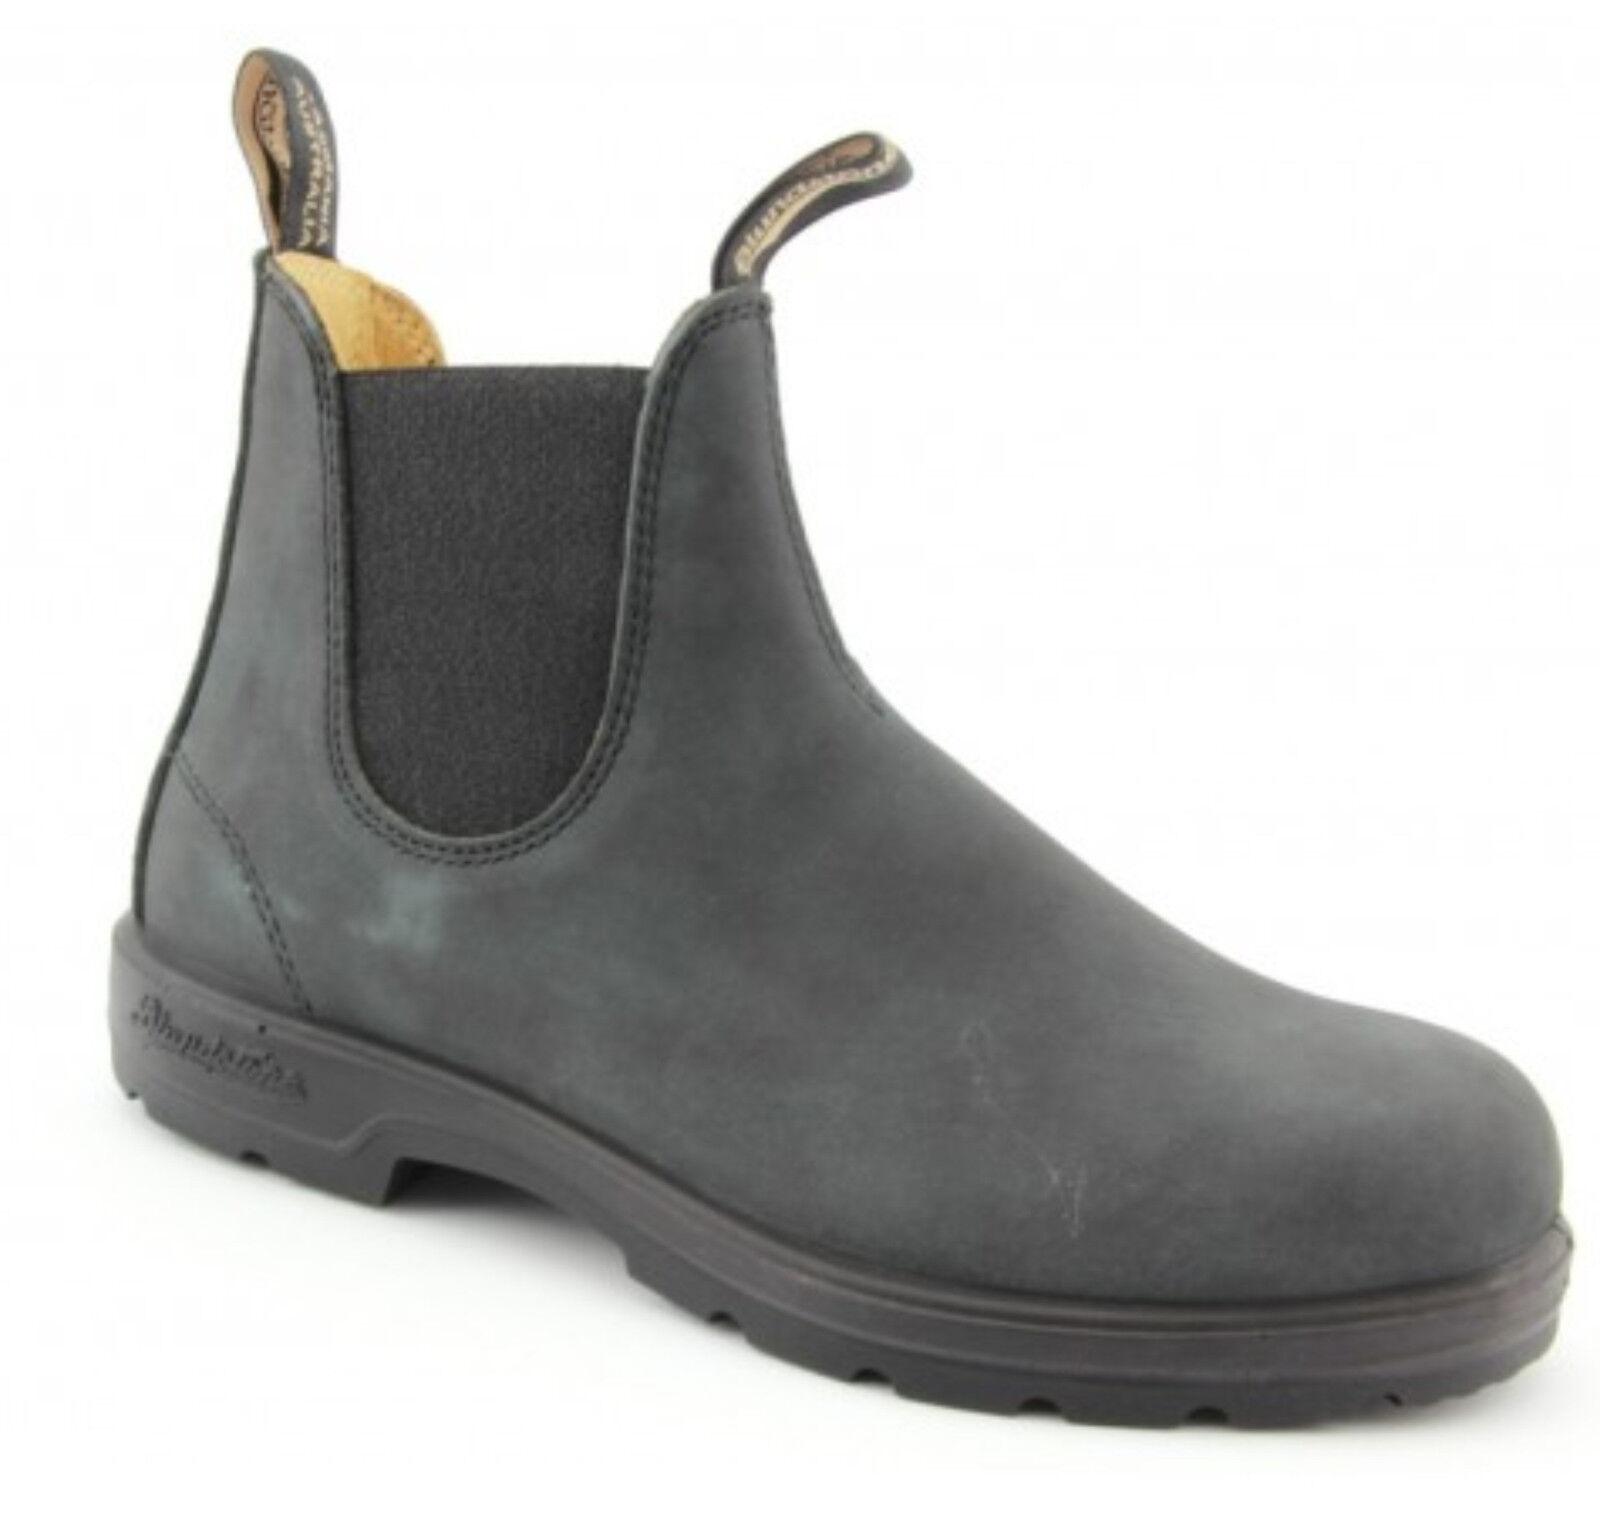 Azulndstone 587 botas de Chelsea Australiano Estilo-Negro Nubuck